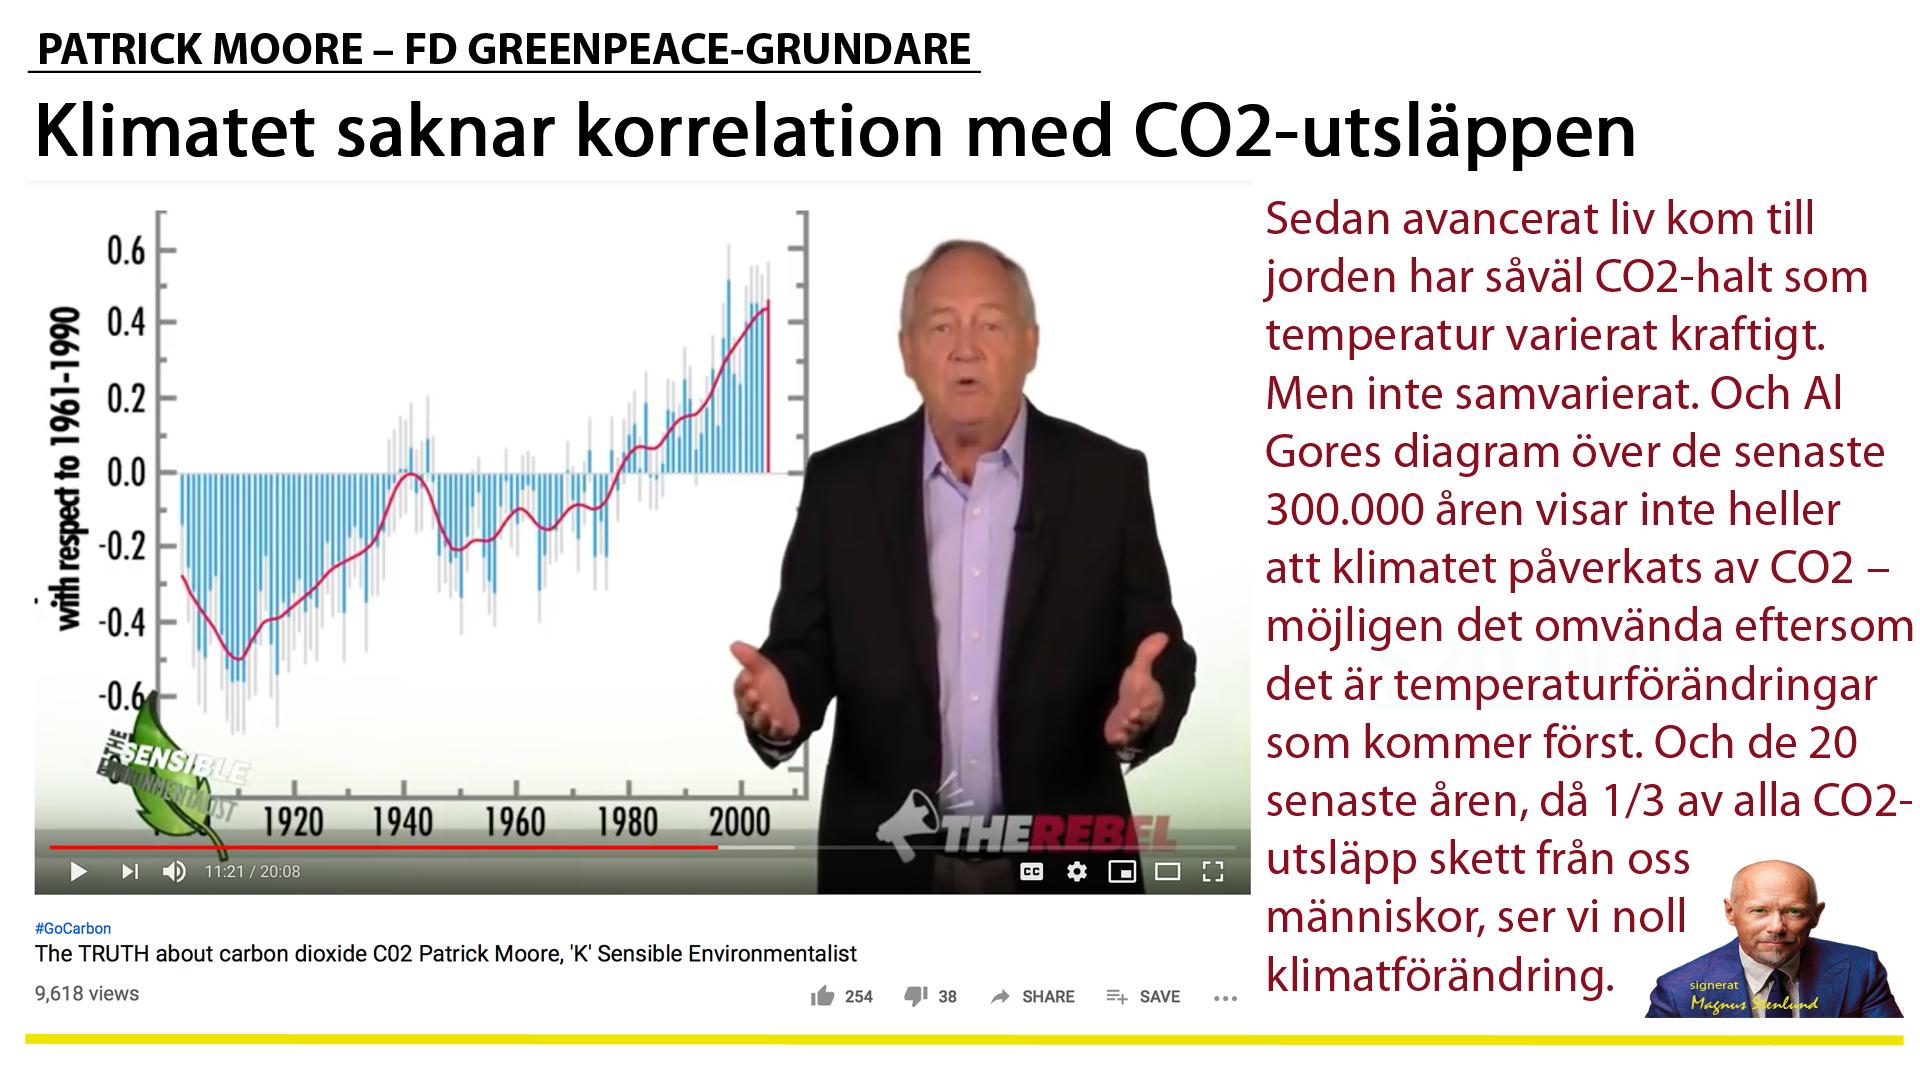 Klimataktivisterna är vår tids religiösa inkvisition. Och Patrick Moore, fd Greenpeace, är vår tids Galilei – tystad på Youtube.